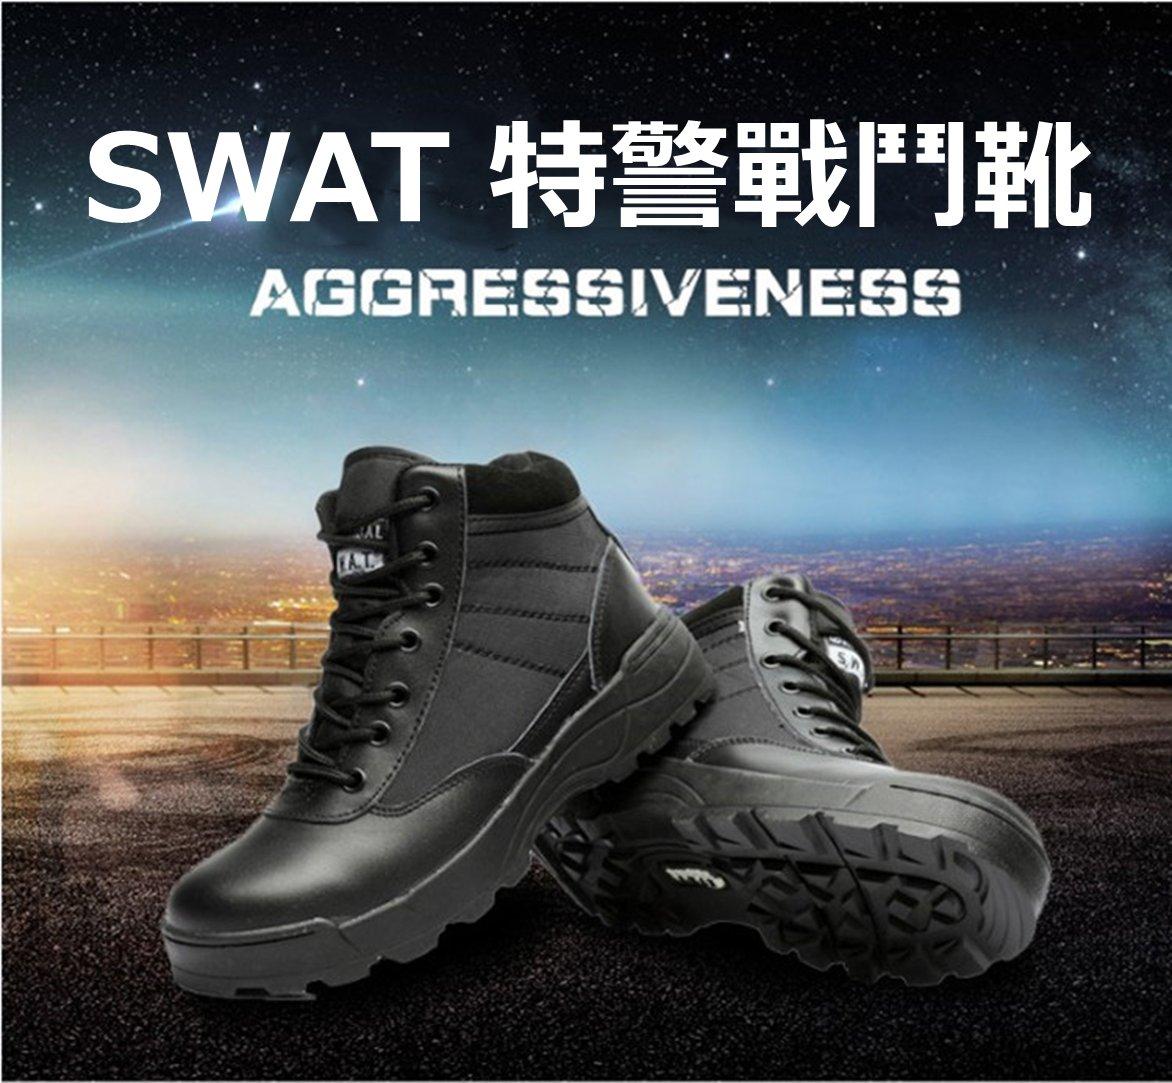 SWAT高品質特警 特戰 特勤戰術靴  短靴低筒 生存遊戲  霹靂小組 特種部隊 工作靴 工作鞋 軍警用